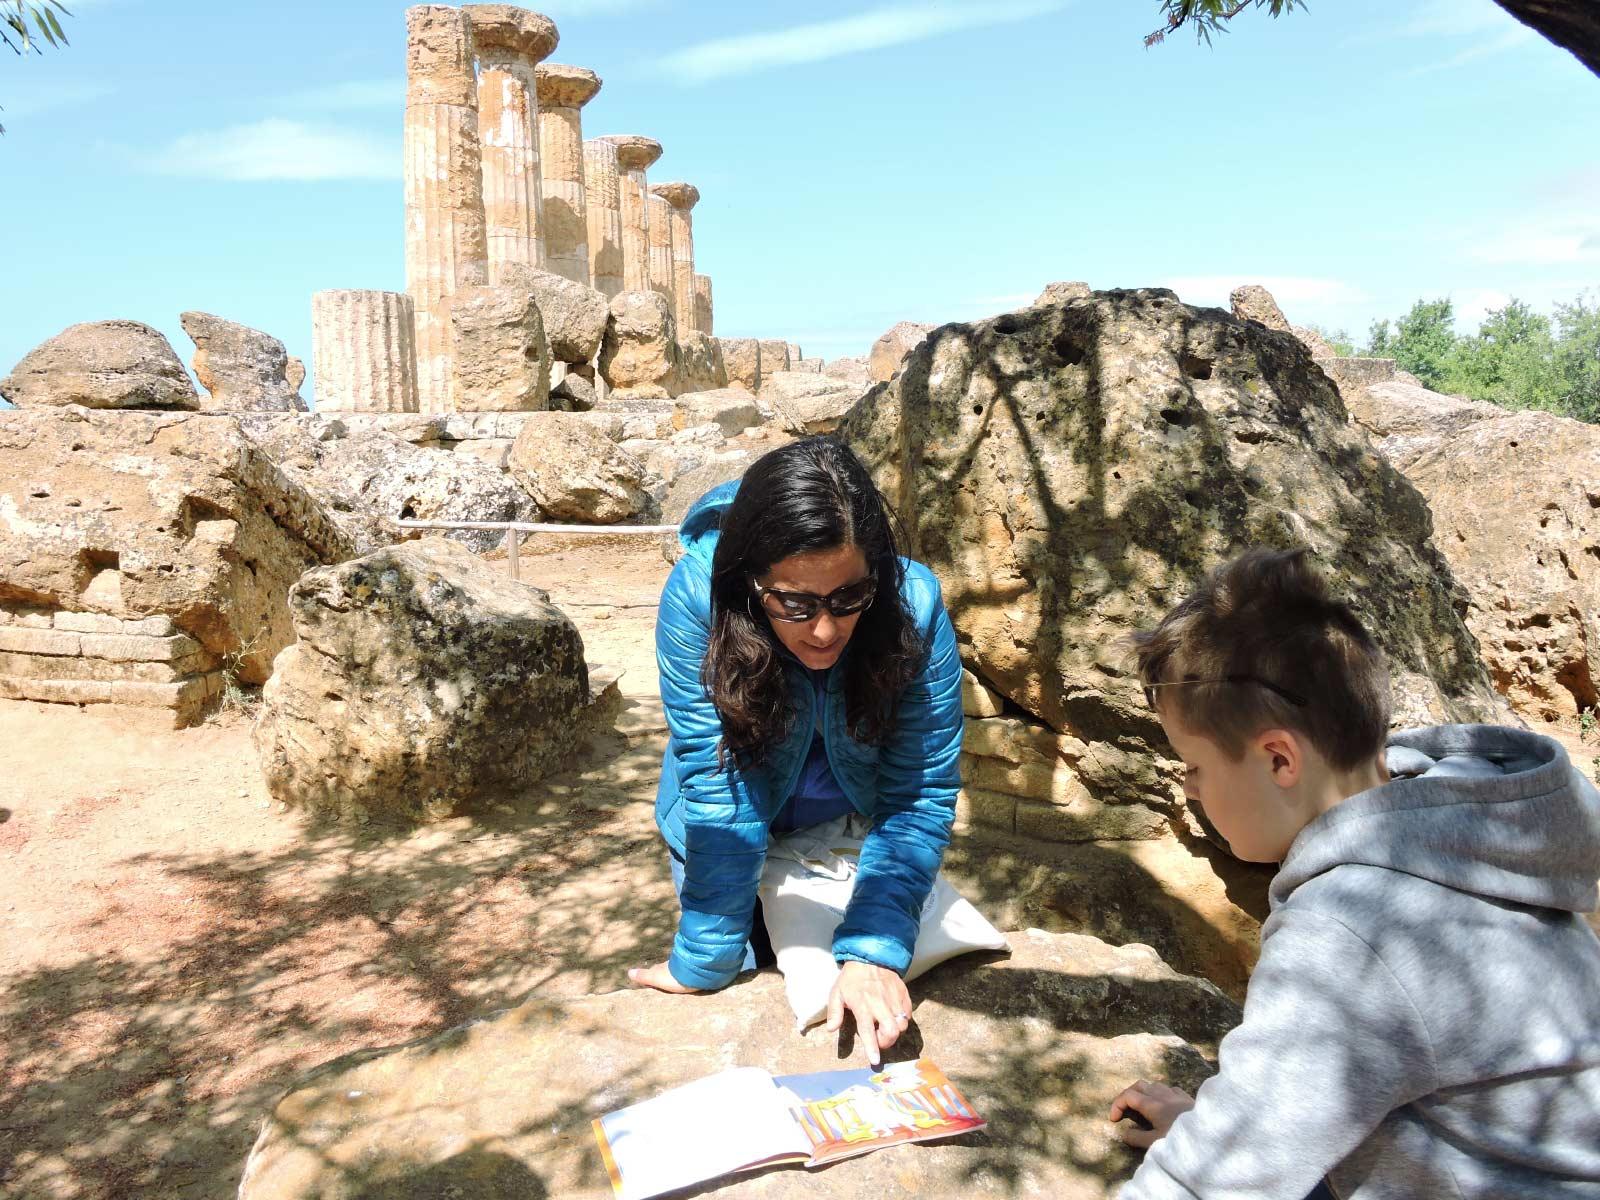 La guida Laura Danile con un libro illustrato racconta le fatiche di Ercole a un bambino davanti al tempio di Ercole nella Valle dei Templi